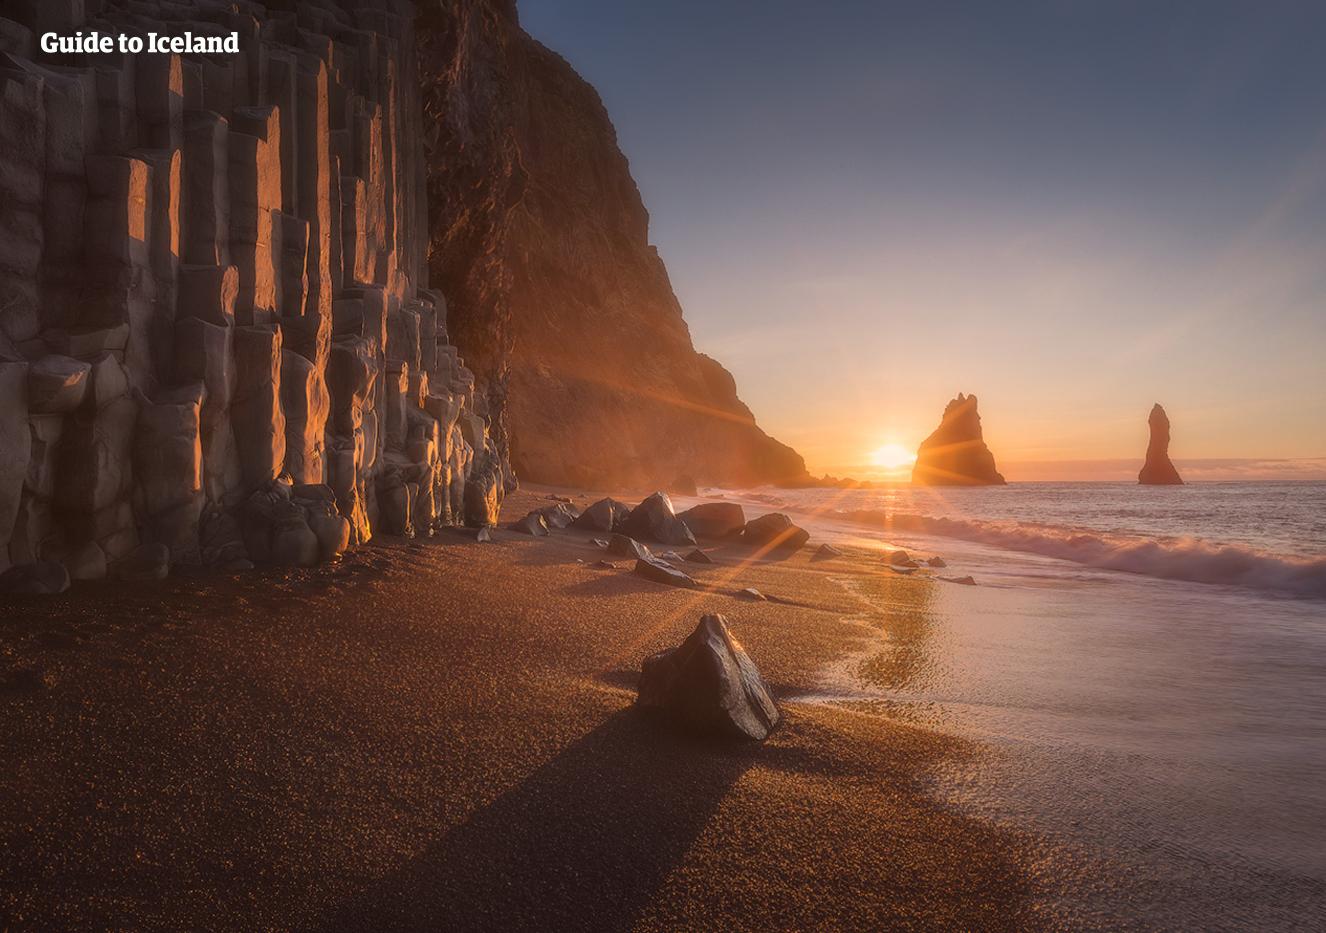 El atardecer en la playa de arena negra de Reynisfjara.